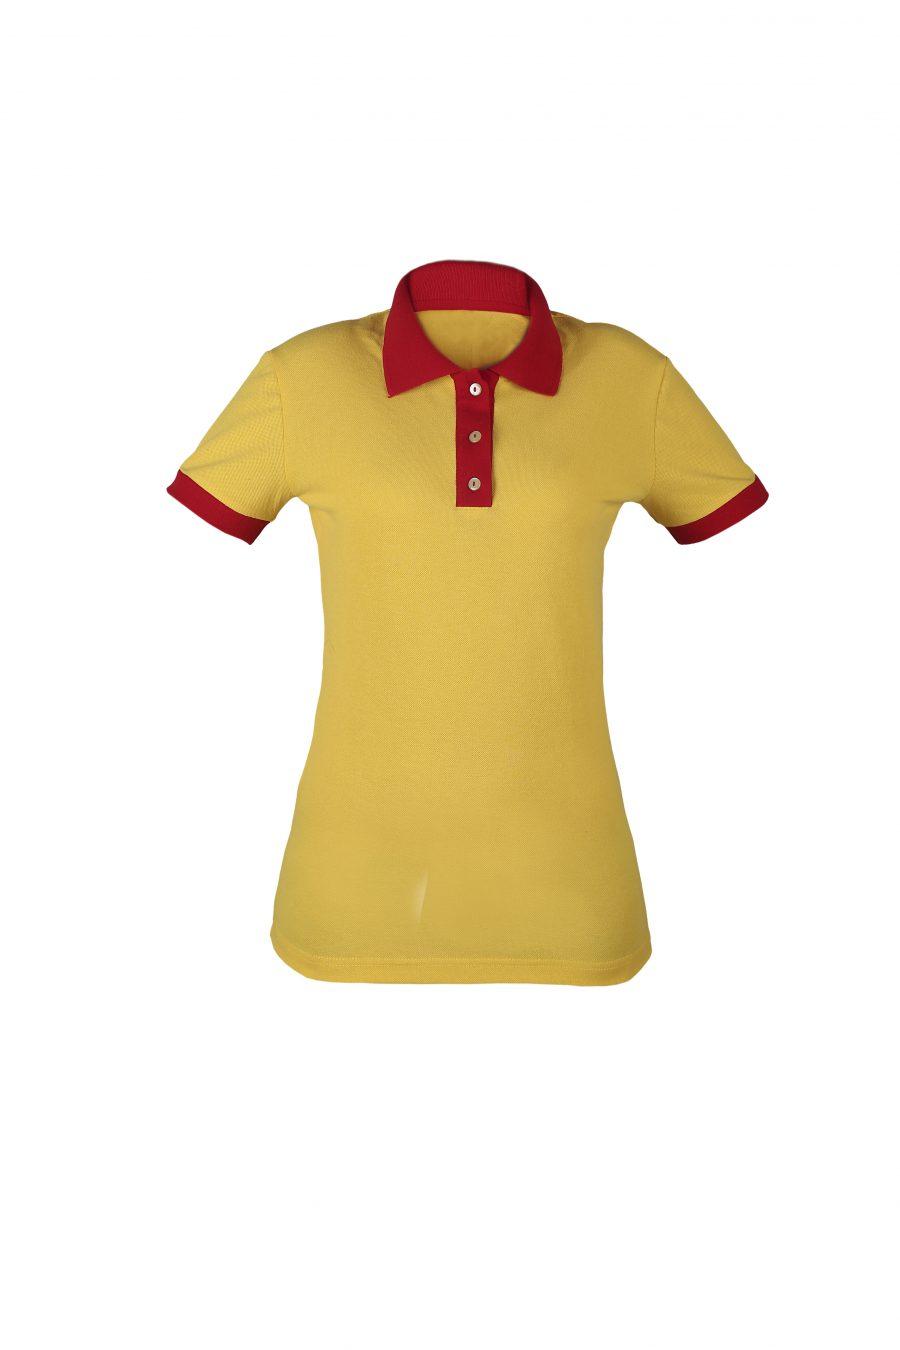 Рубашка-поло KANO Duet W цвет: желтый/красный купить оптом,